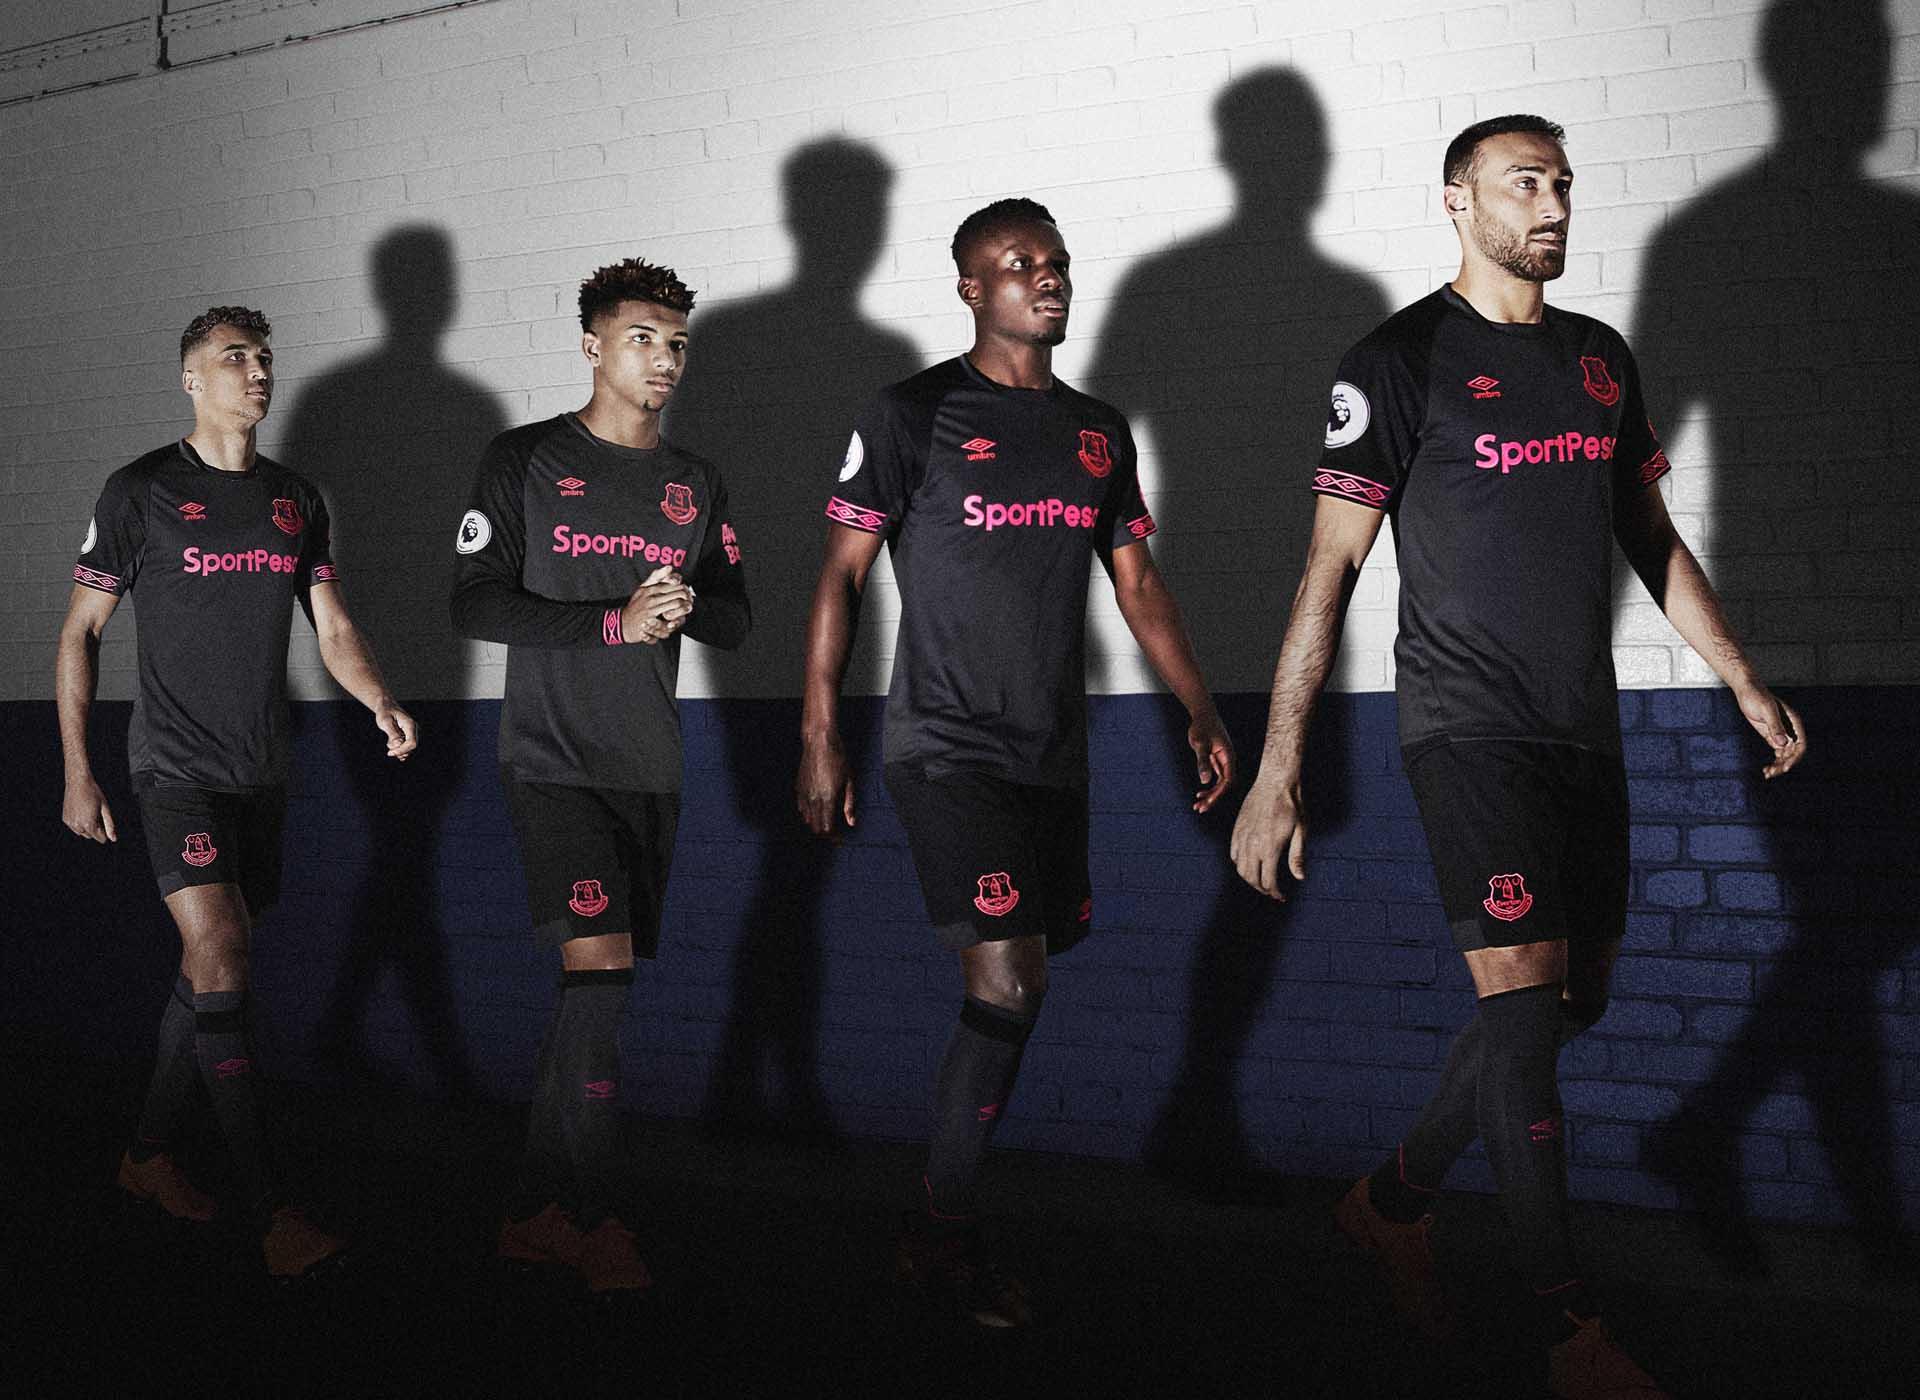 e1895b8e00 Umbro Launch Everton 18/19 Away Shirt - SoccerBible